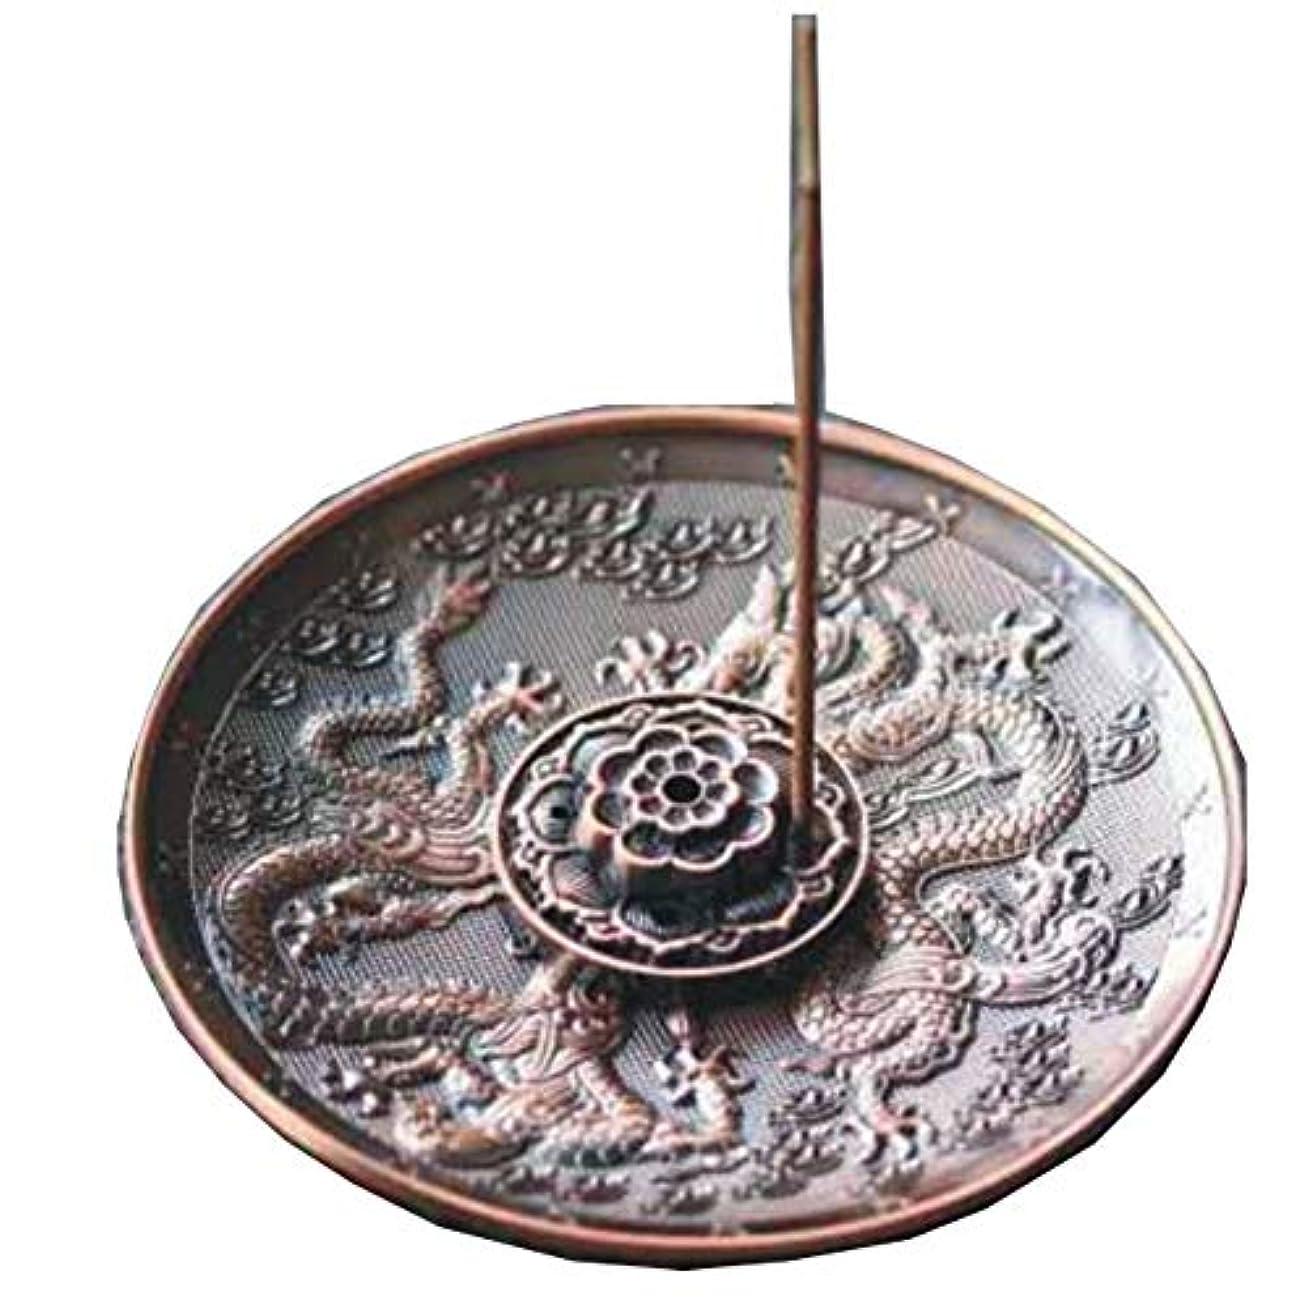 設計まとめるスズメバチ[RADISSY] お香立て 香炉 香皿 スティック 円錐 タイプ お香 スタンド 龍のデザイン (赤胴色9穴)